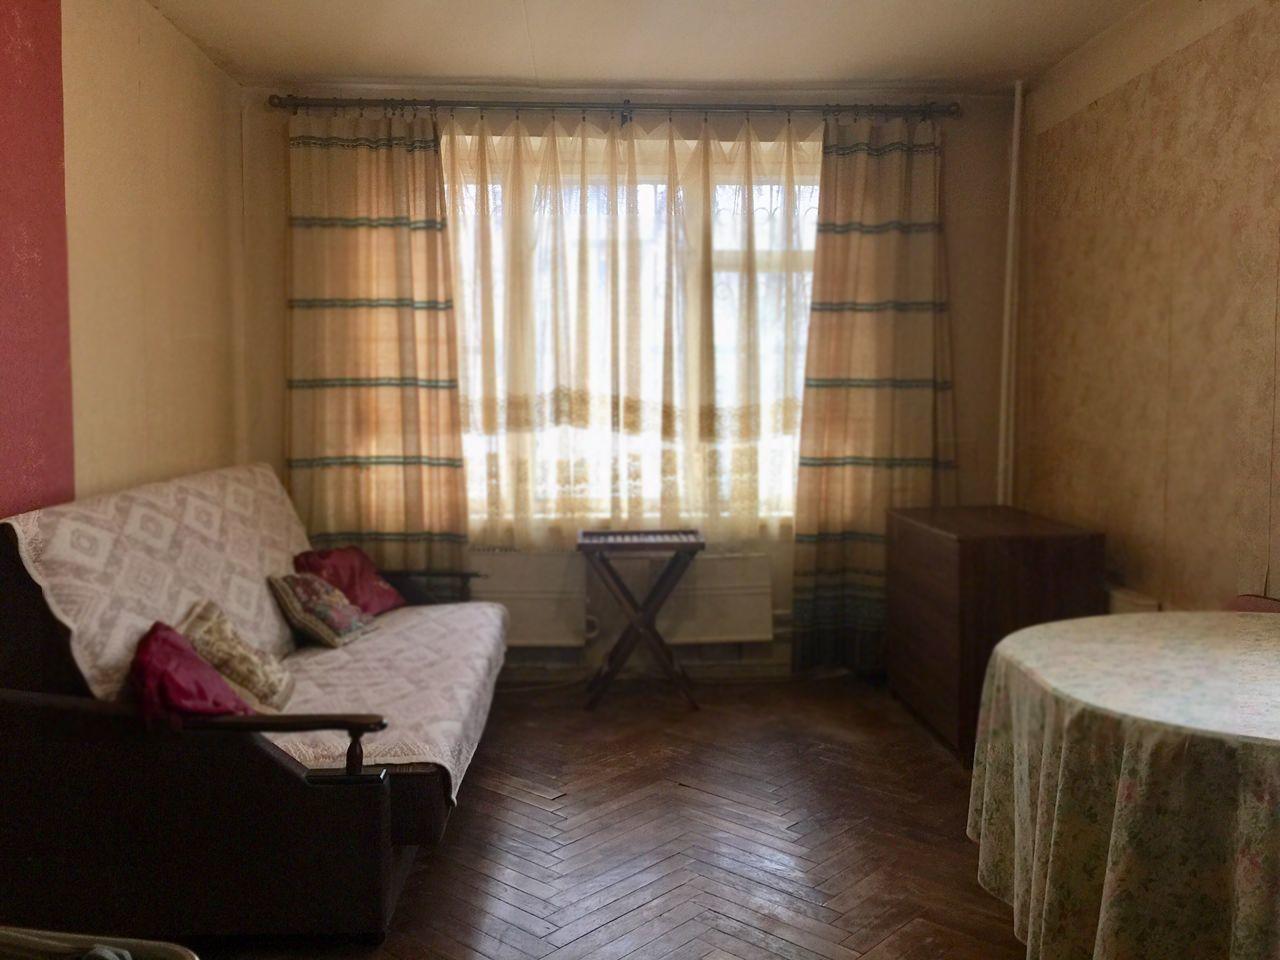 Продажа 1-комнатной квартиры, Москва, Архитектора Власова улица,  д.15к1